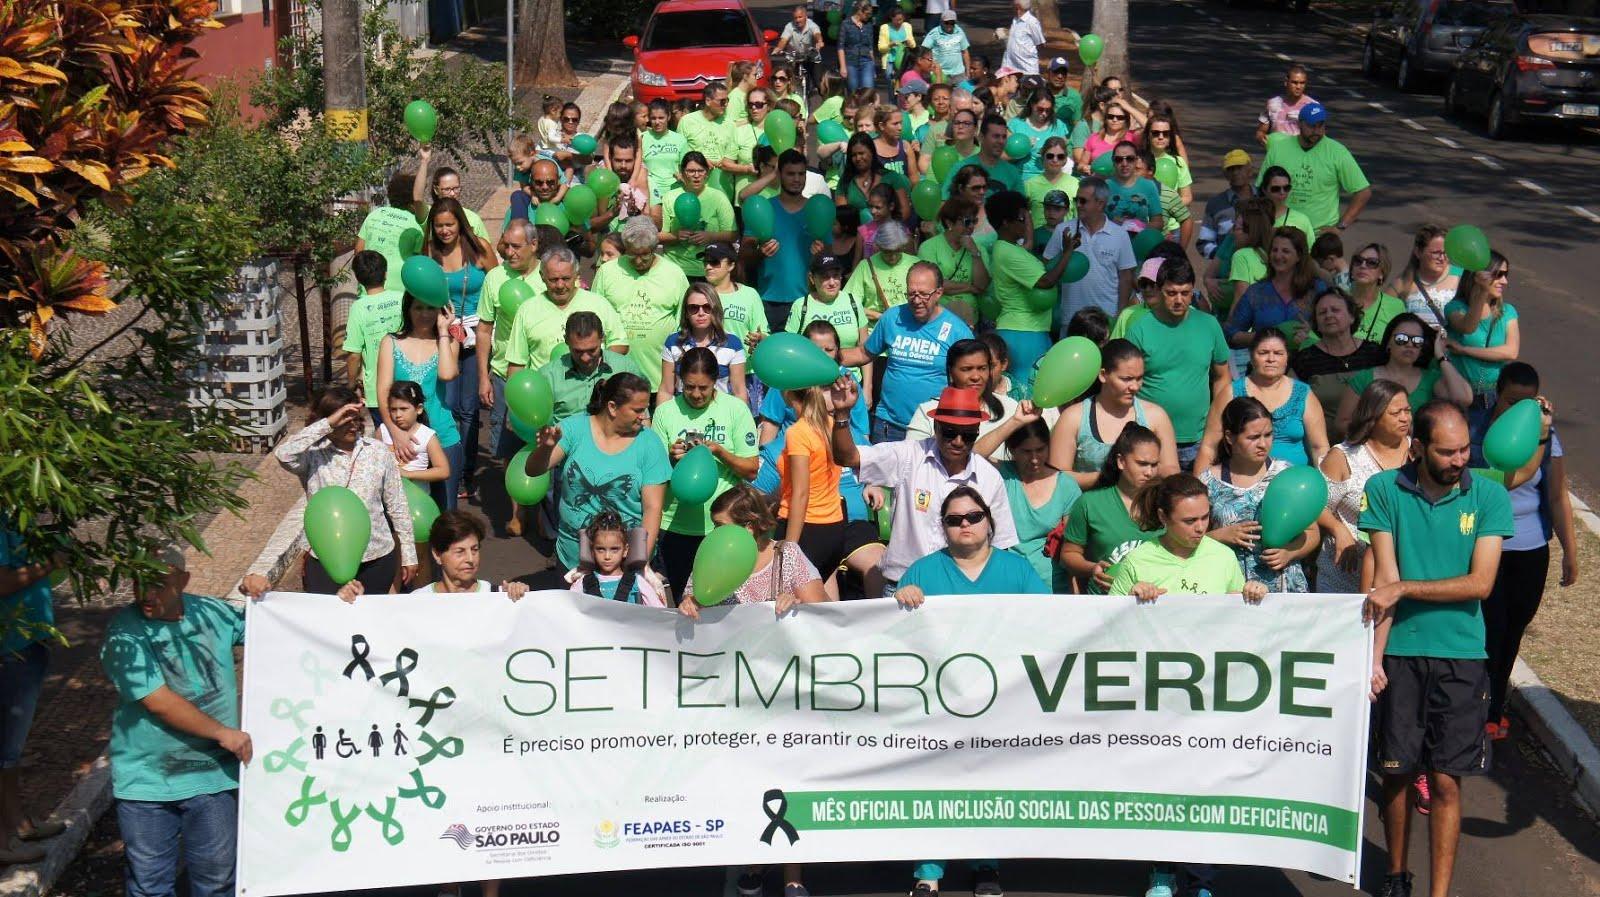 1ª Caminhada do Setembro Verde